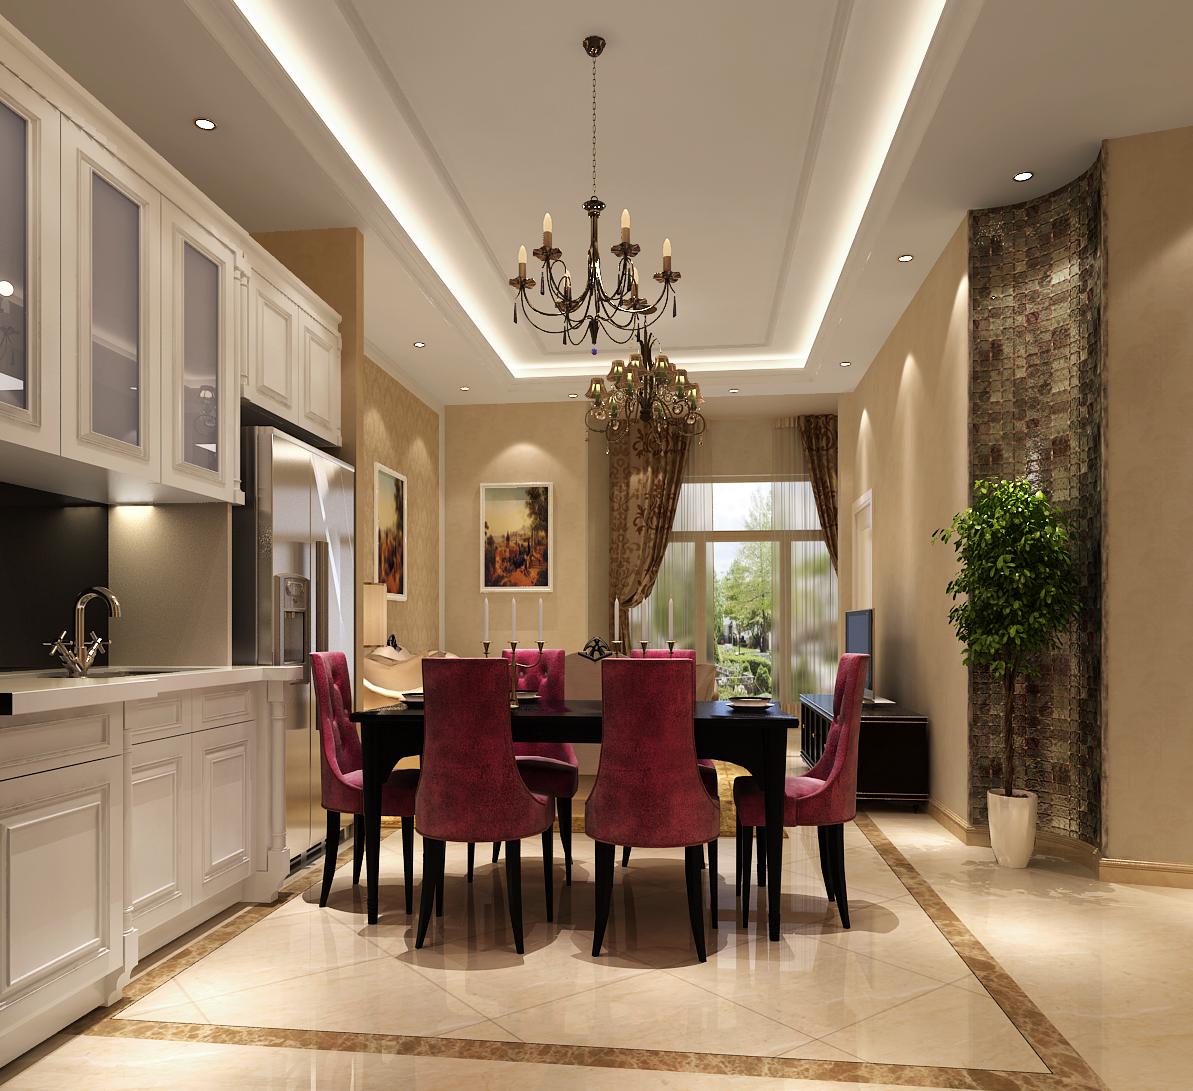 简约 欧式 三居 装修公司 高度国际 餐厅图片来自高度国际装饰华华在简约中的经典的分享